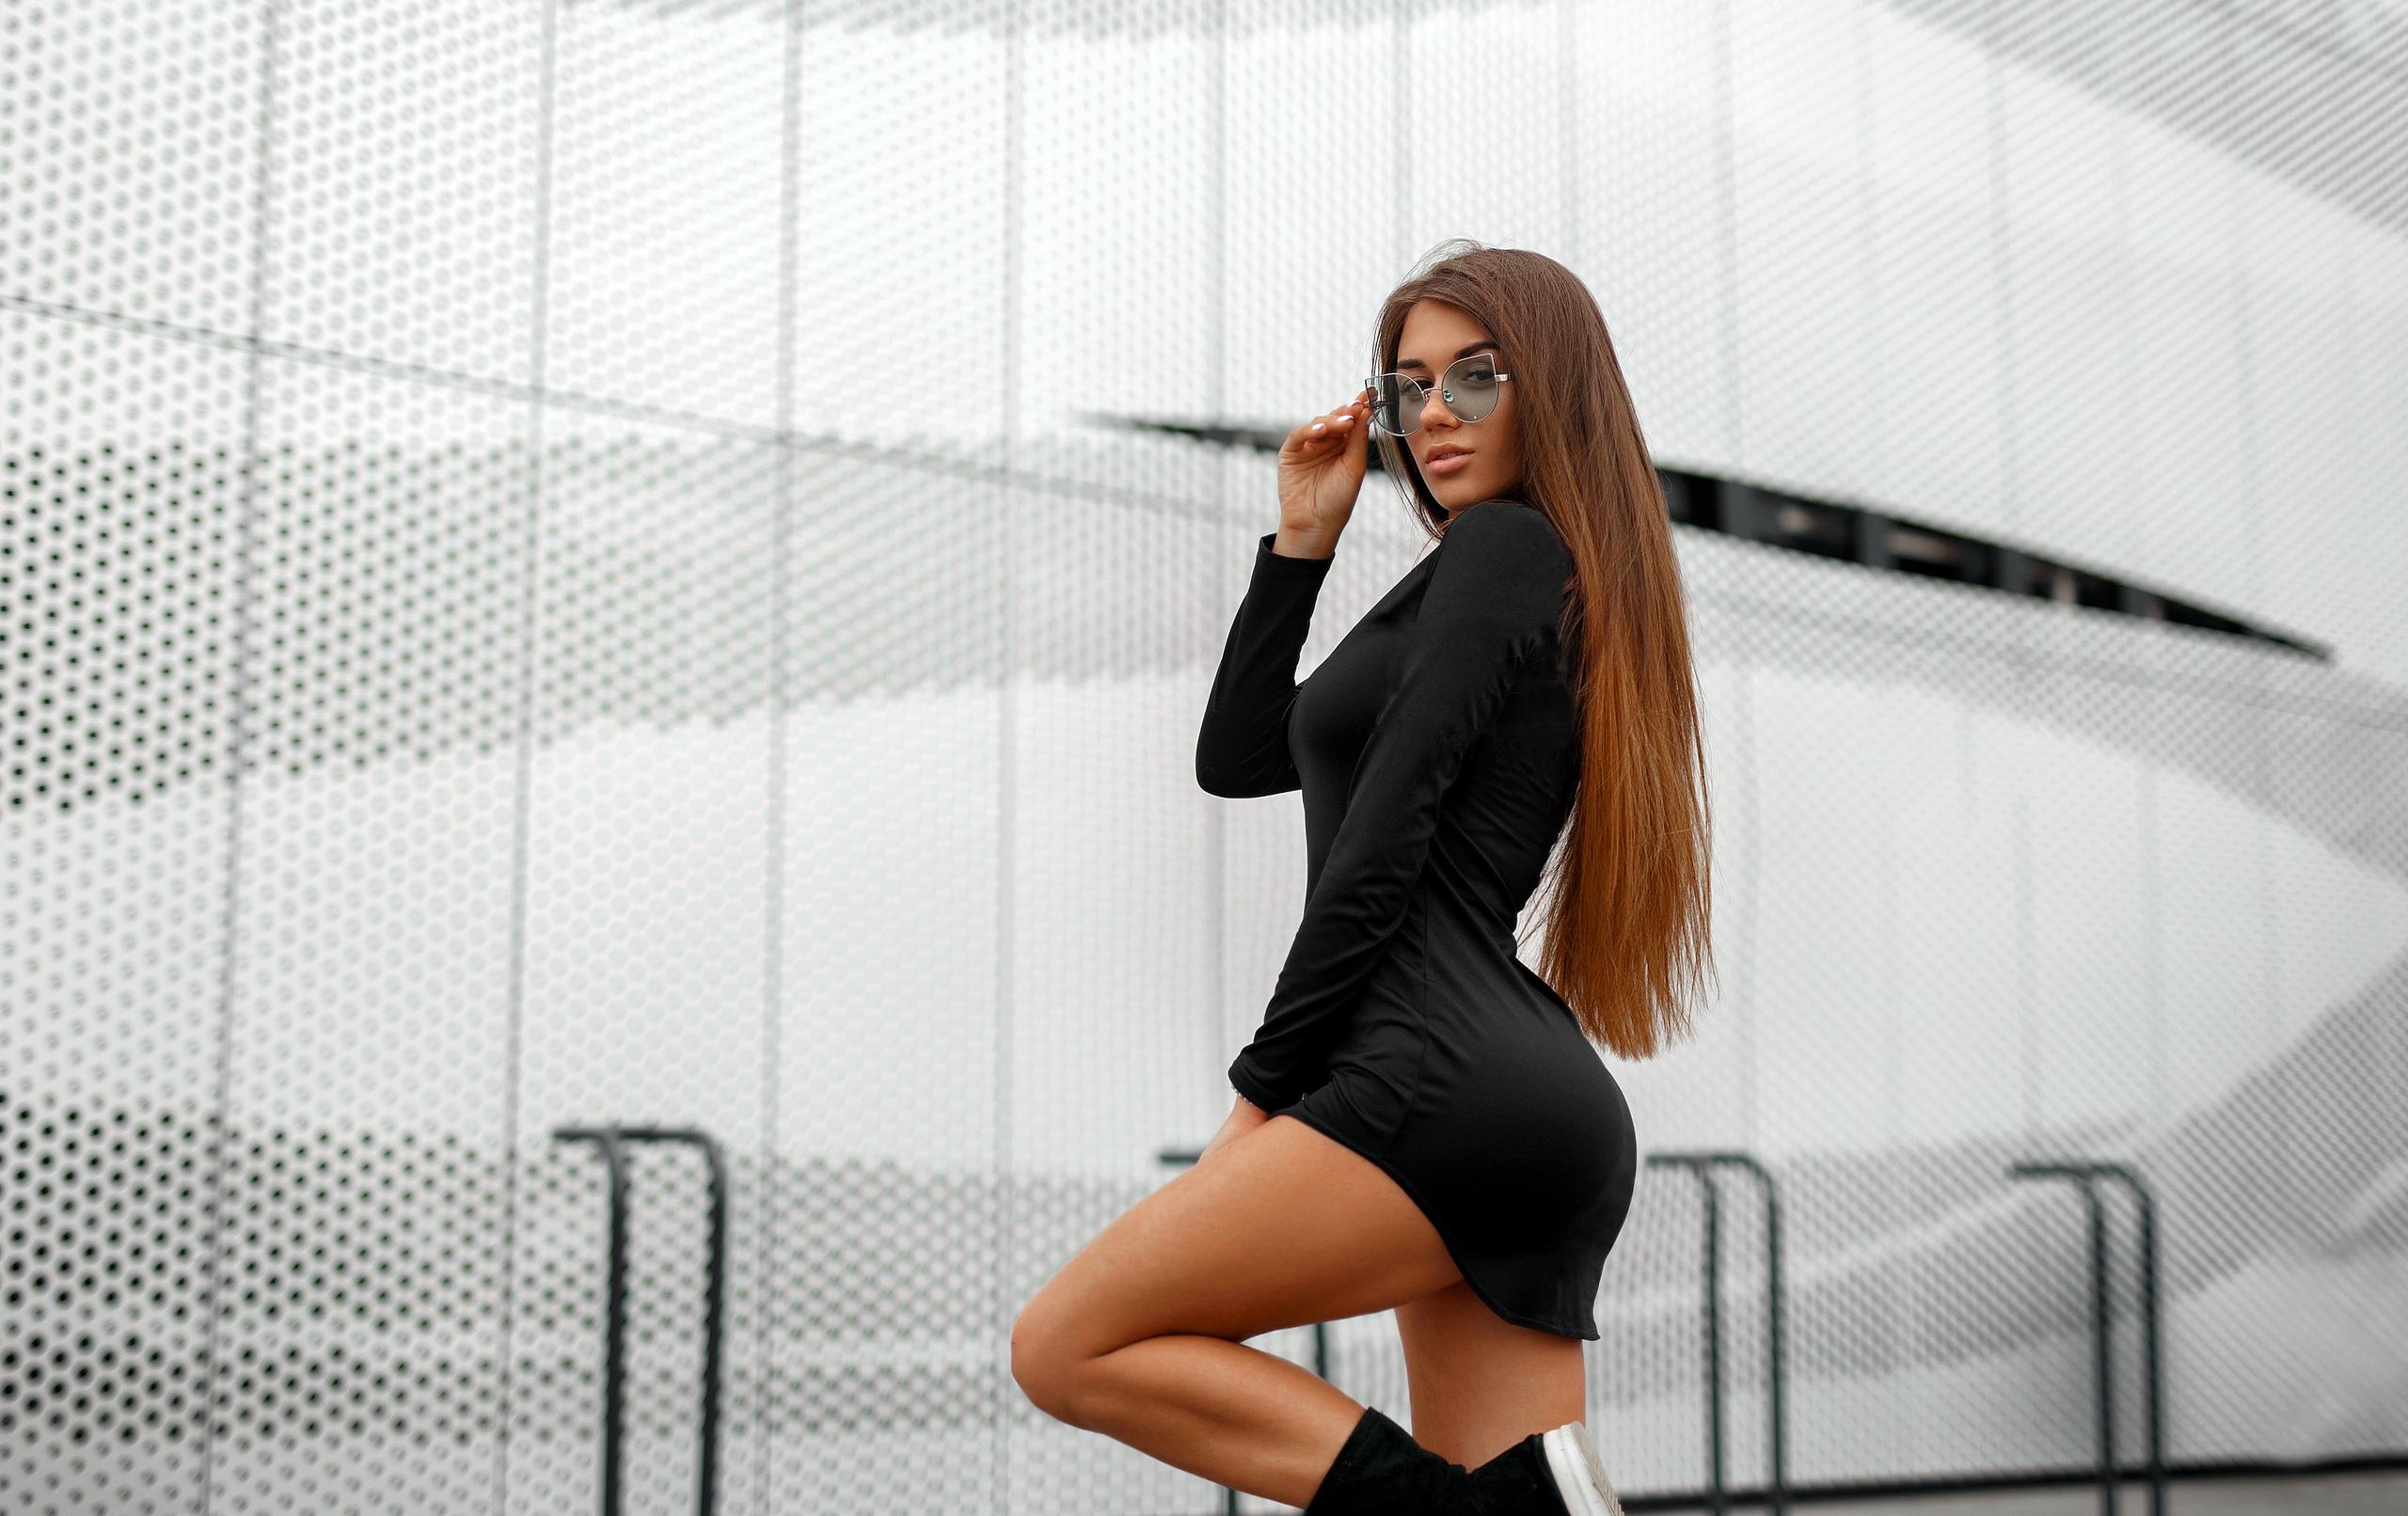 a837e135f0fa Kvinder garvet portræt Sort kjole Kvinder med briller langt hår sko Kvinder  udendørs Sorte tøj hvide